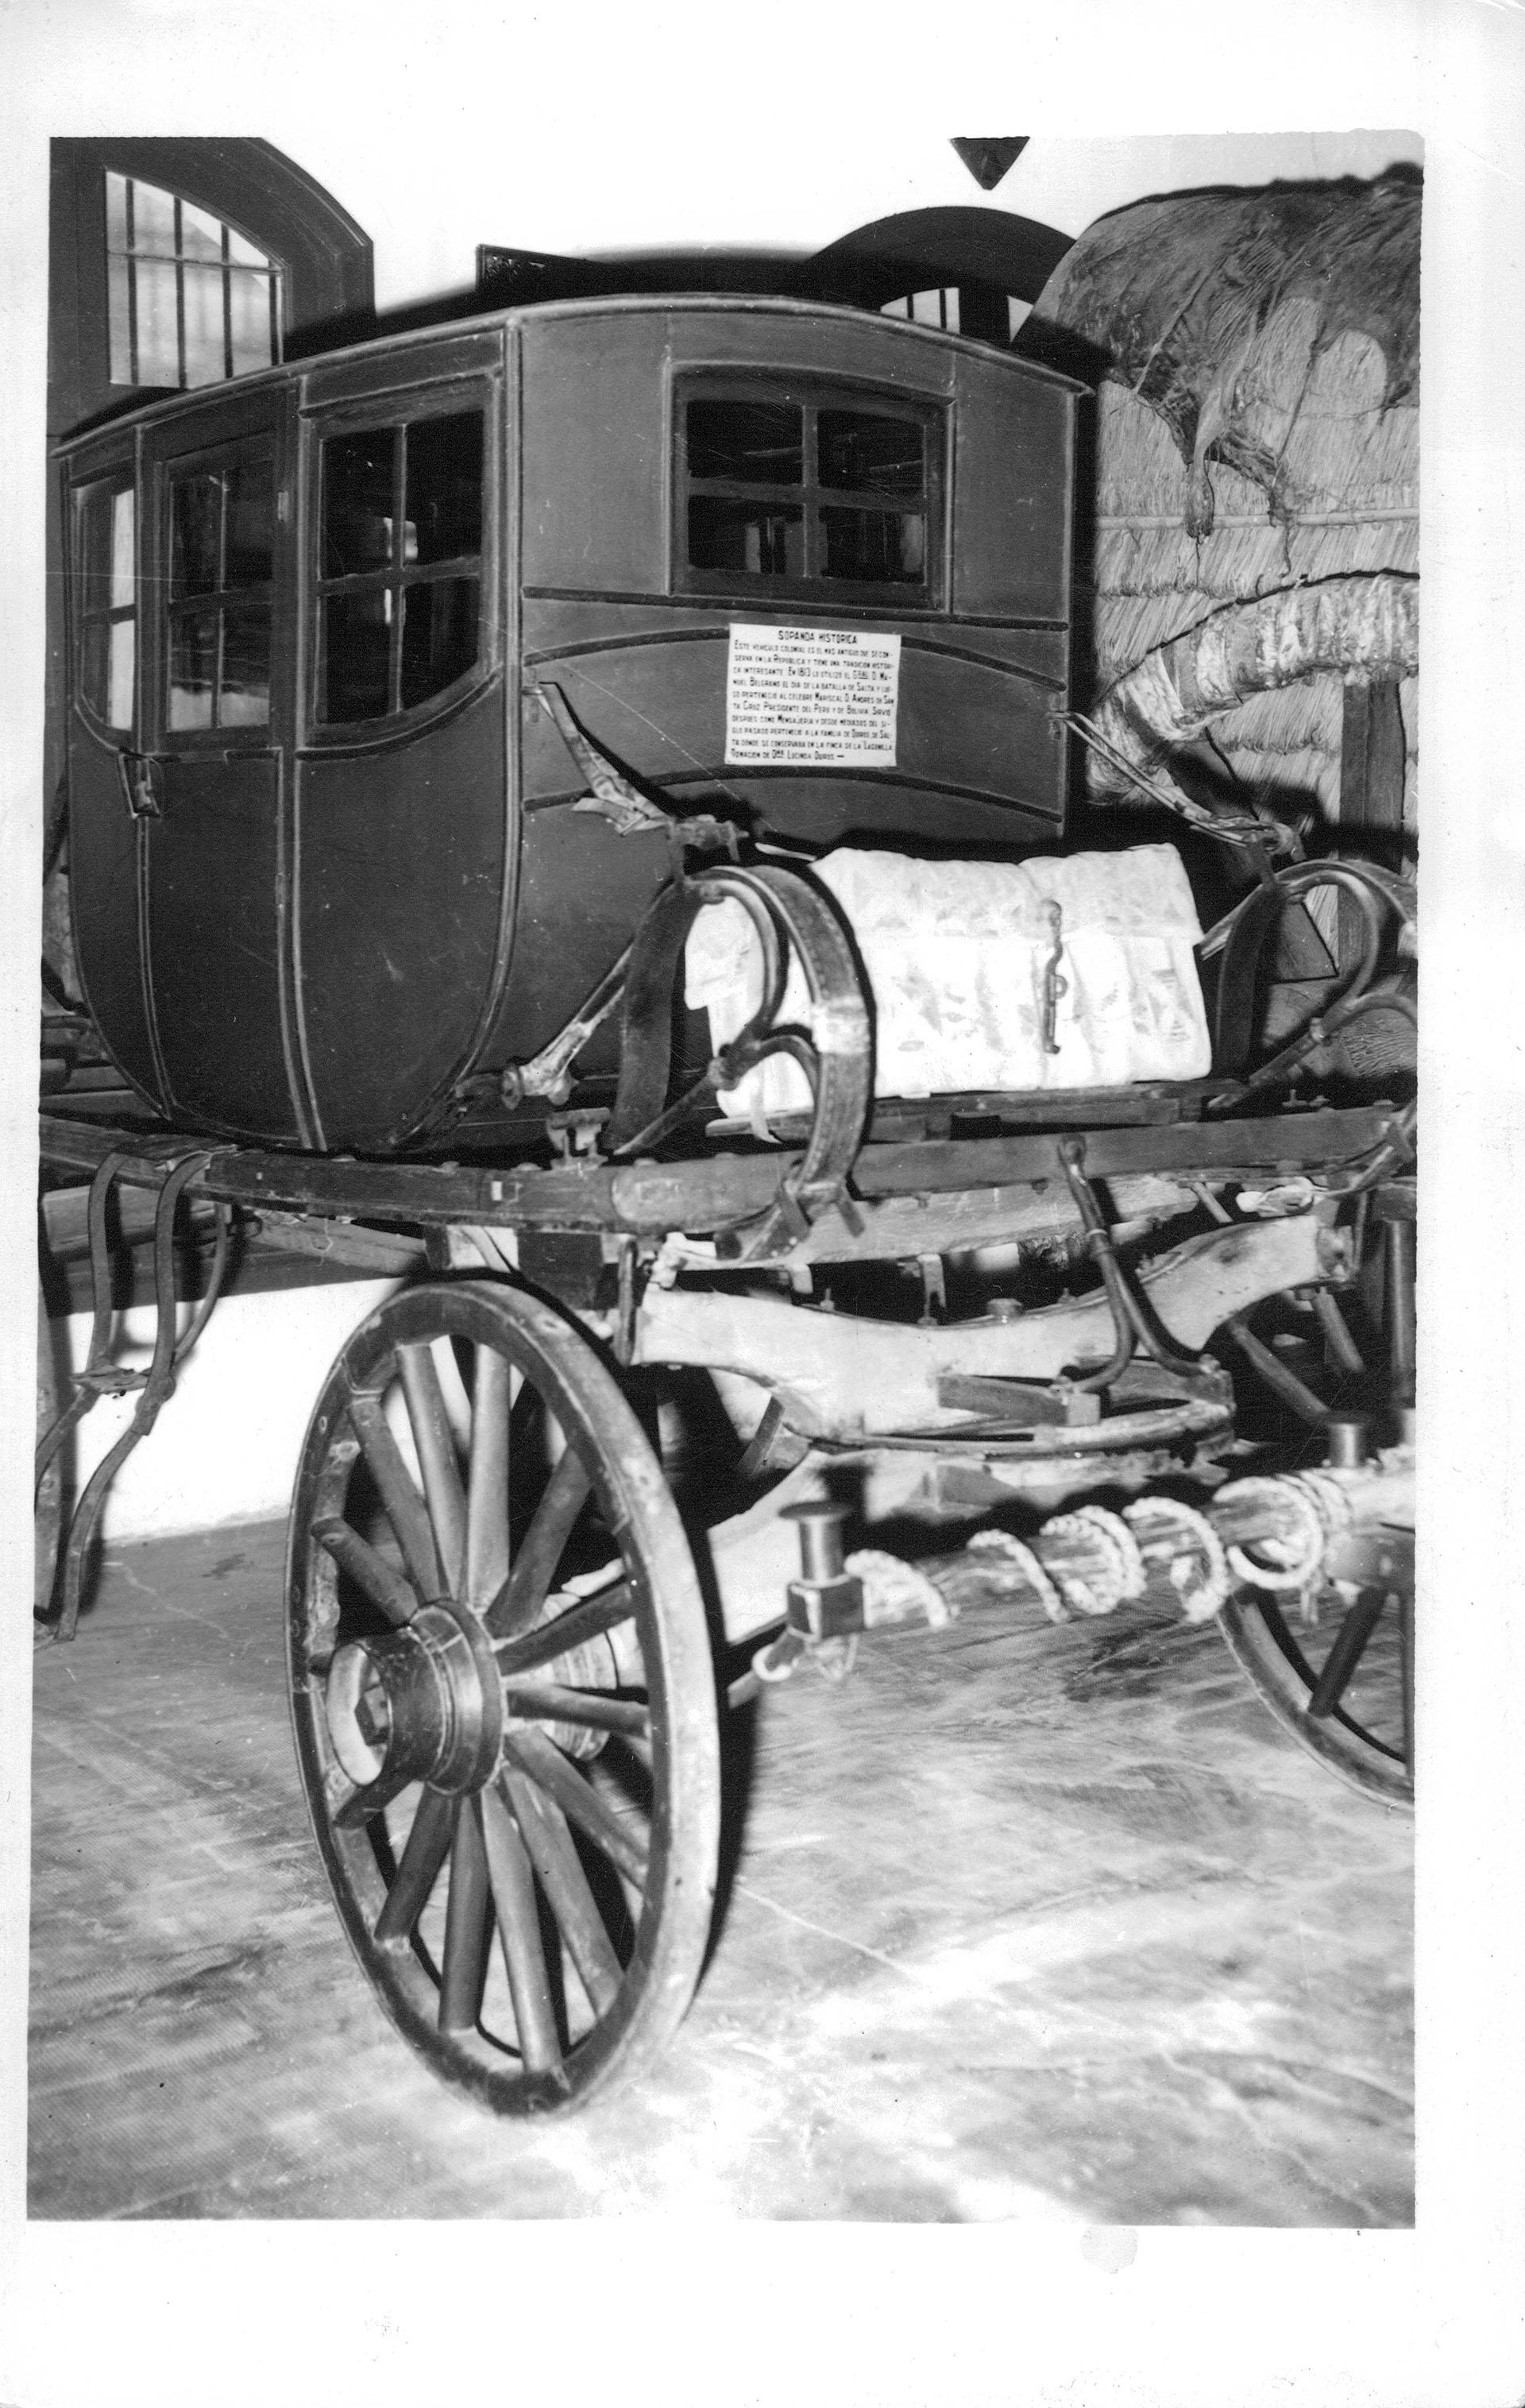 Sopanda -vehículo- del Geenral Belgrano. Lo usó durante la batalla de Salta, en 1813, porque no estaba bien de salud. Es el más antiguo conservado en el país y se encuentra en el museo Enrique Udaondo en Luján (Archivo General de la Nación)